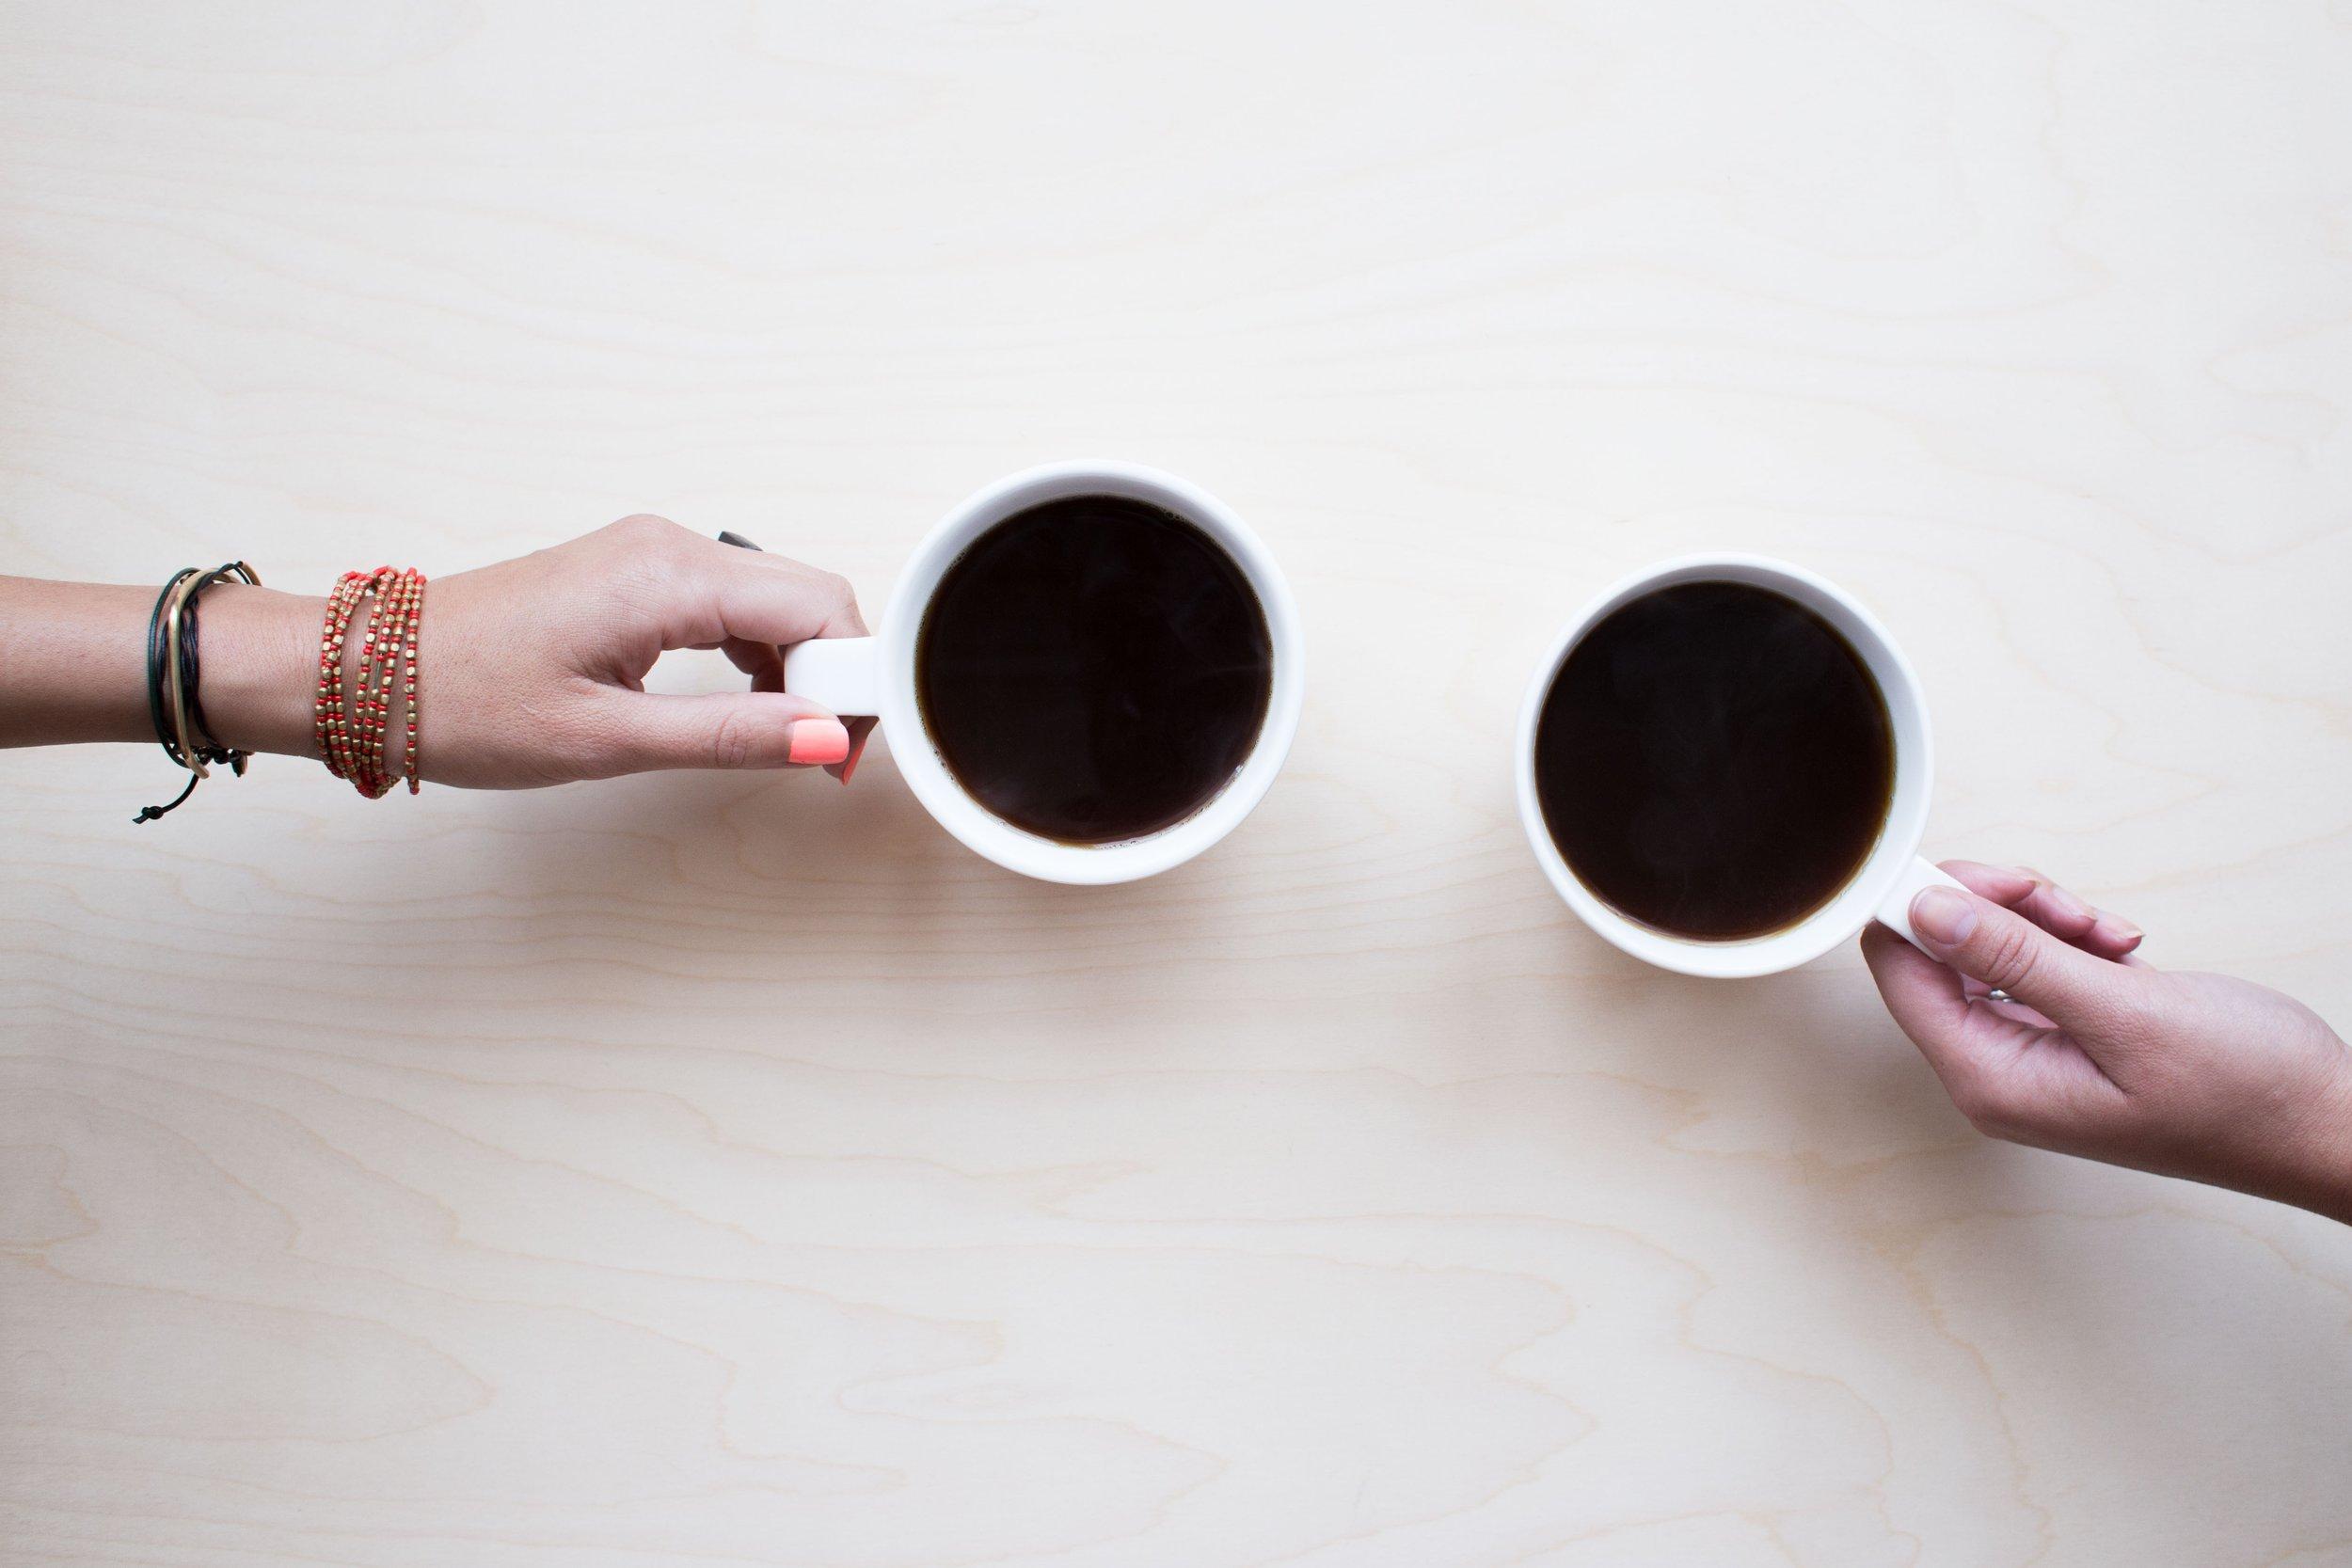 Coffee/Communion (Description) -